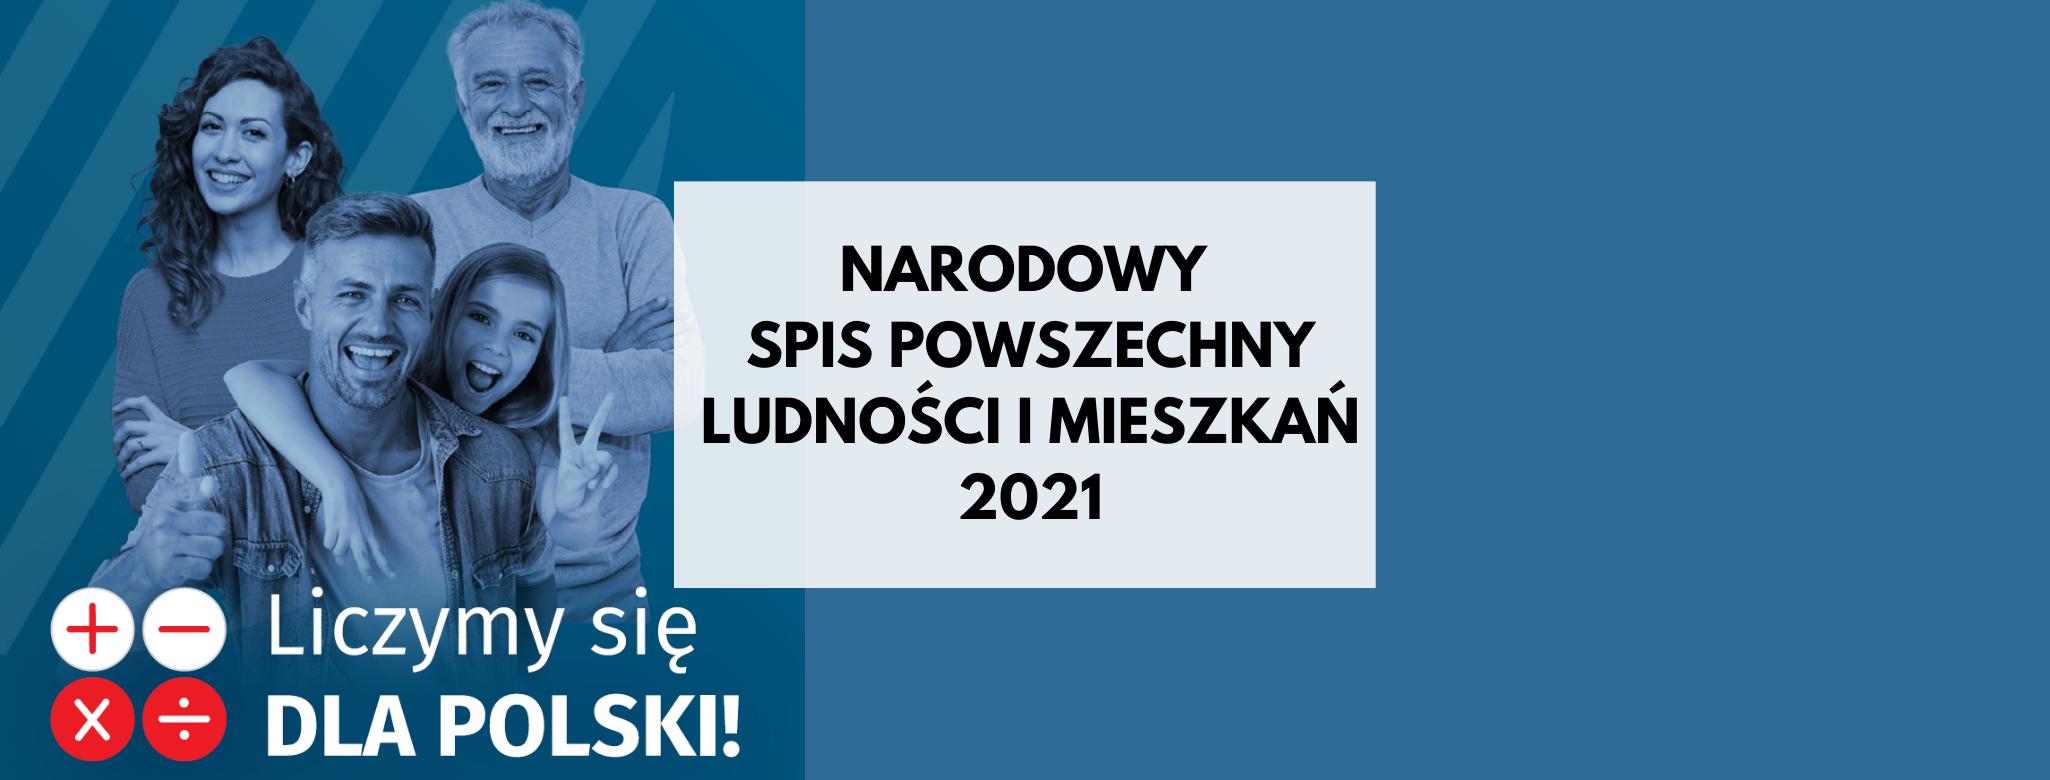 nagłówek graficzny o treści: Narodowy Spis Powszechny Ludności i Mieszkań 2021. W tle grafika: starszy mężczyzna, obok młoda kobieta, niżej młody mężczyzna i kilkuletnia dziewczynka. Wszyscy uśmiechnięci. Poniżej tekst: Liczymy się dla Polski.